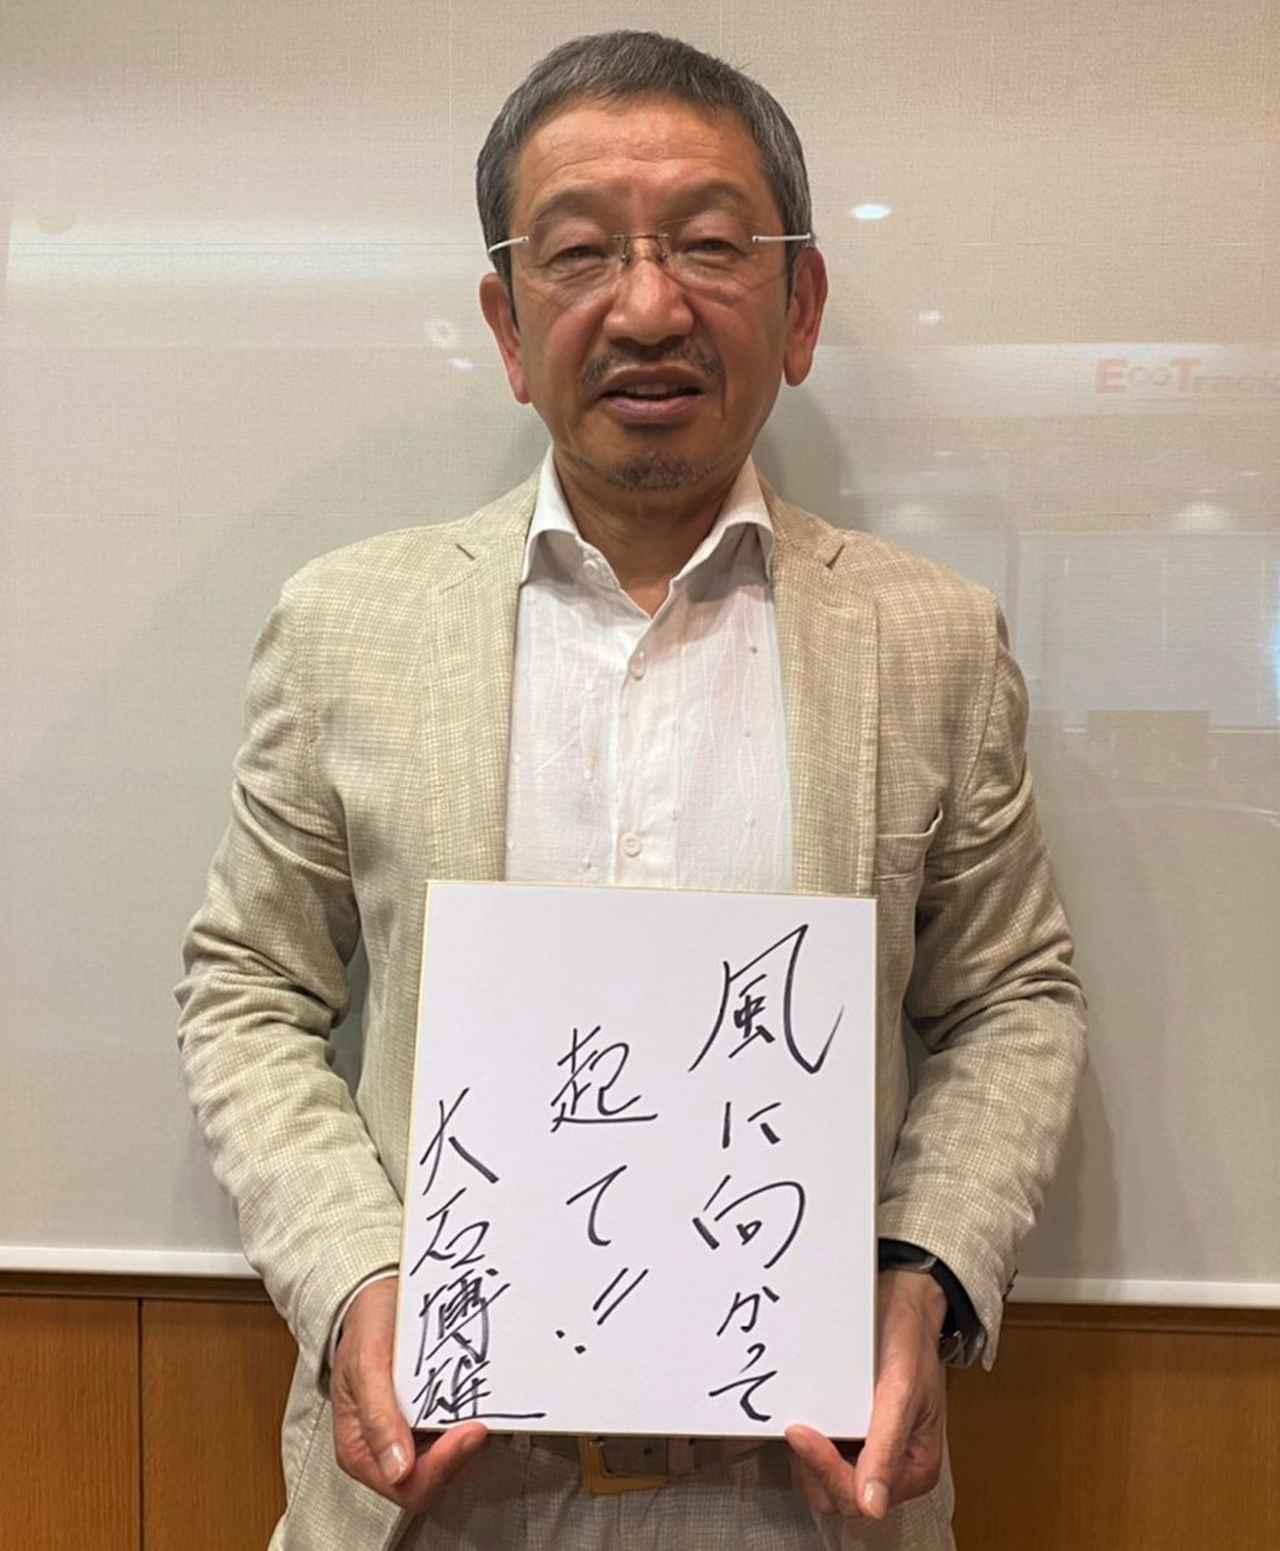 画像: 株式会社 ワークアカデミー 代表取締役会長 大石 博雄 氏